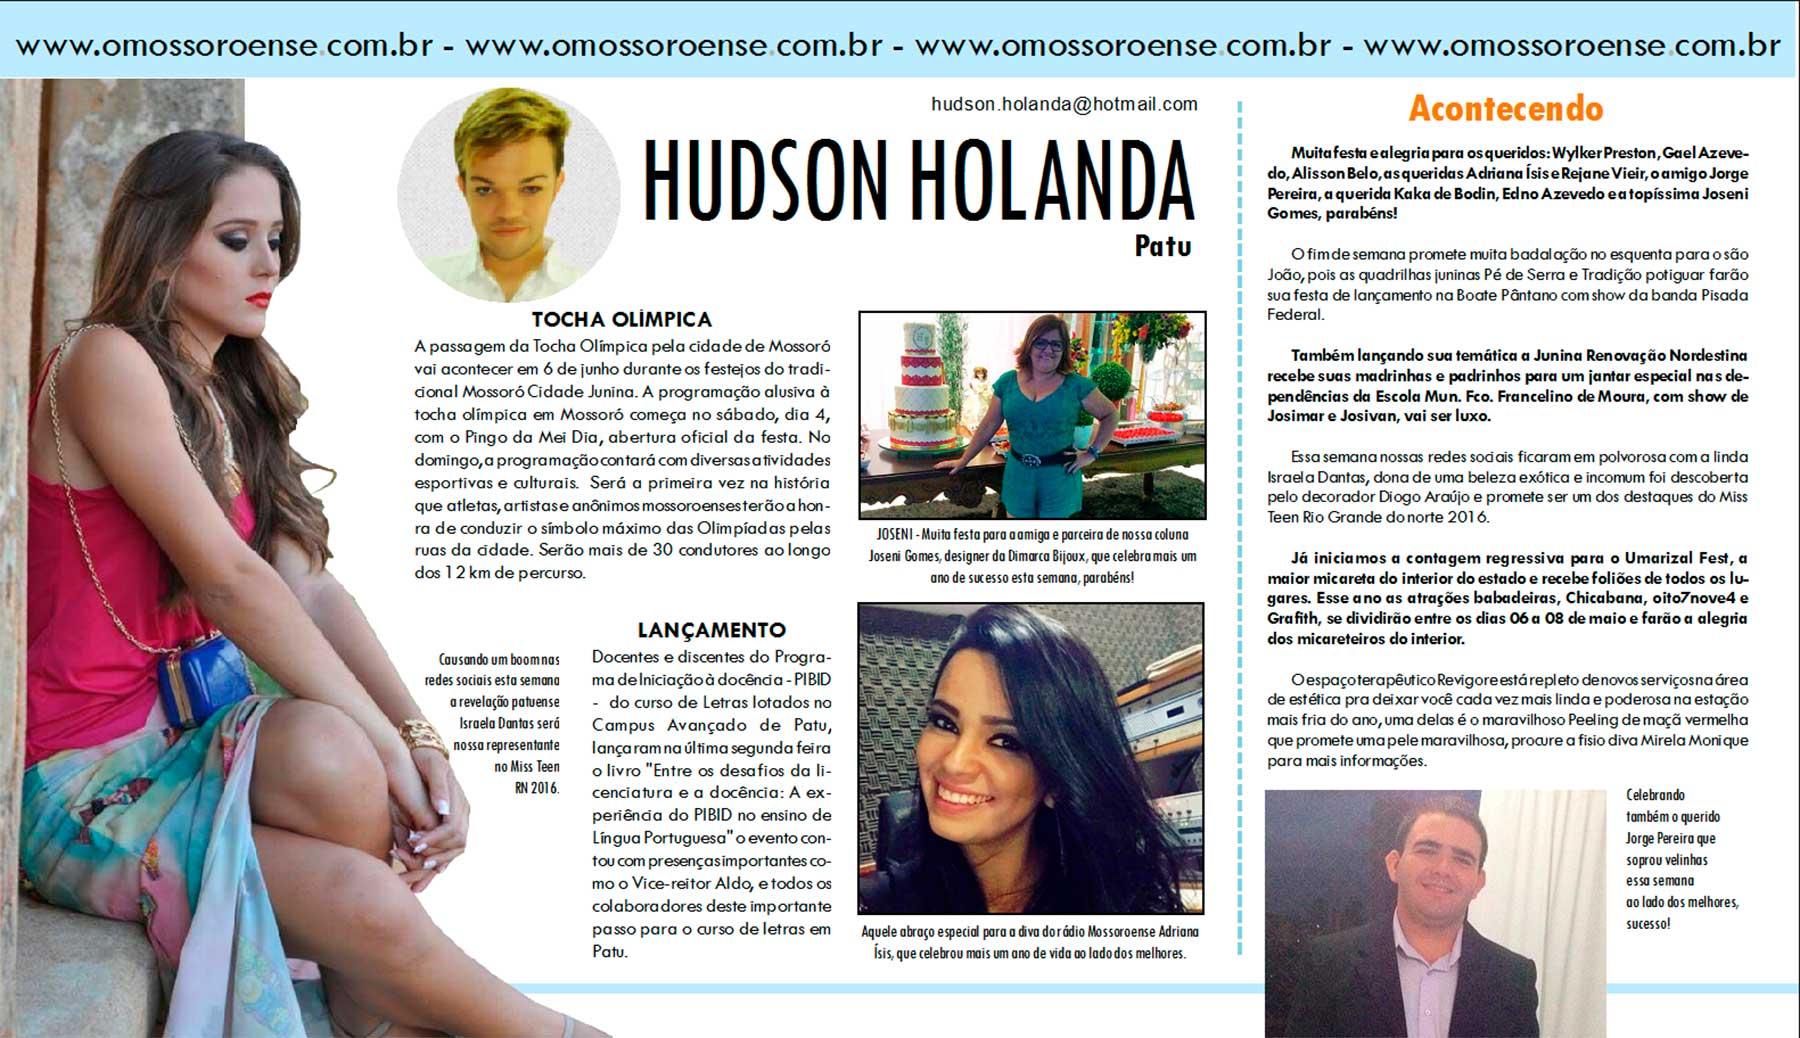 HUDSON-HOLANDA-29-04-16